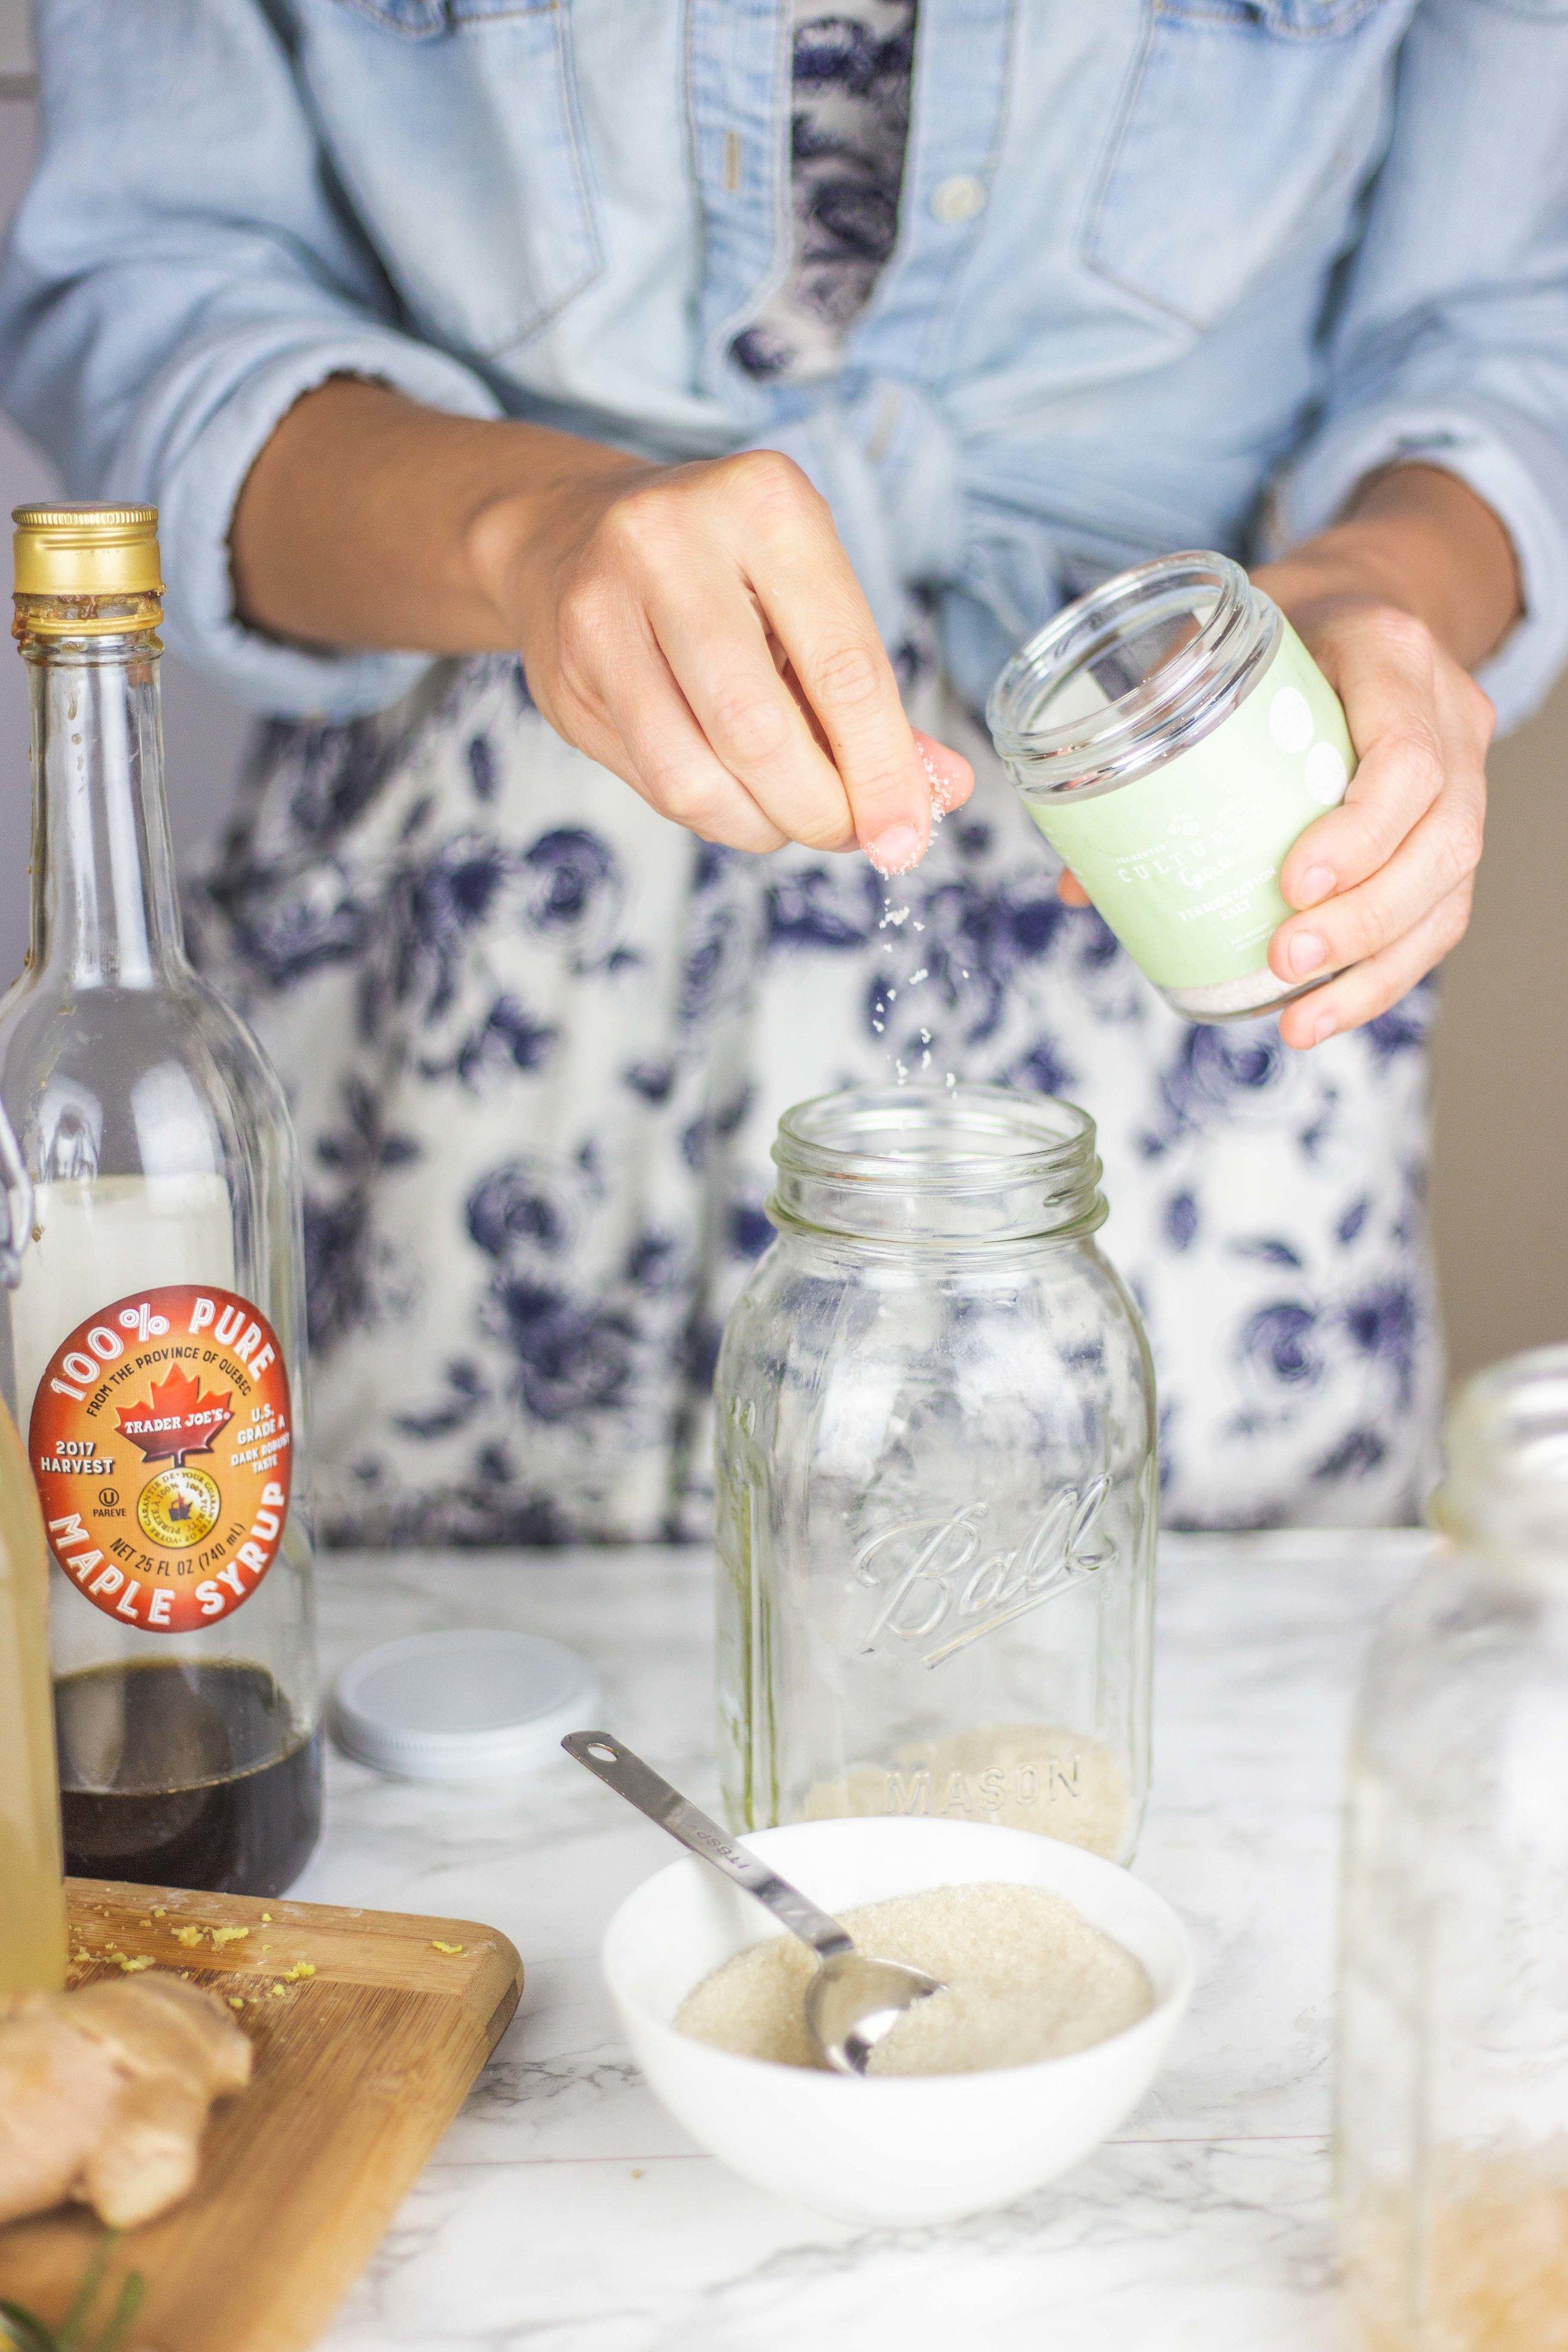 Water Kefir Recipe | How to Brew Probiotic Water Kefir | The Benefits of Water Kefir